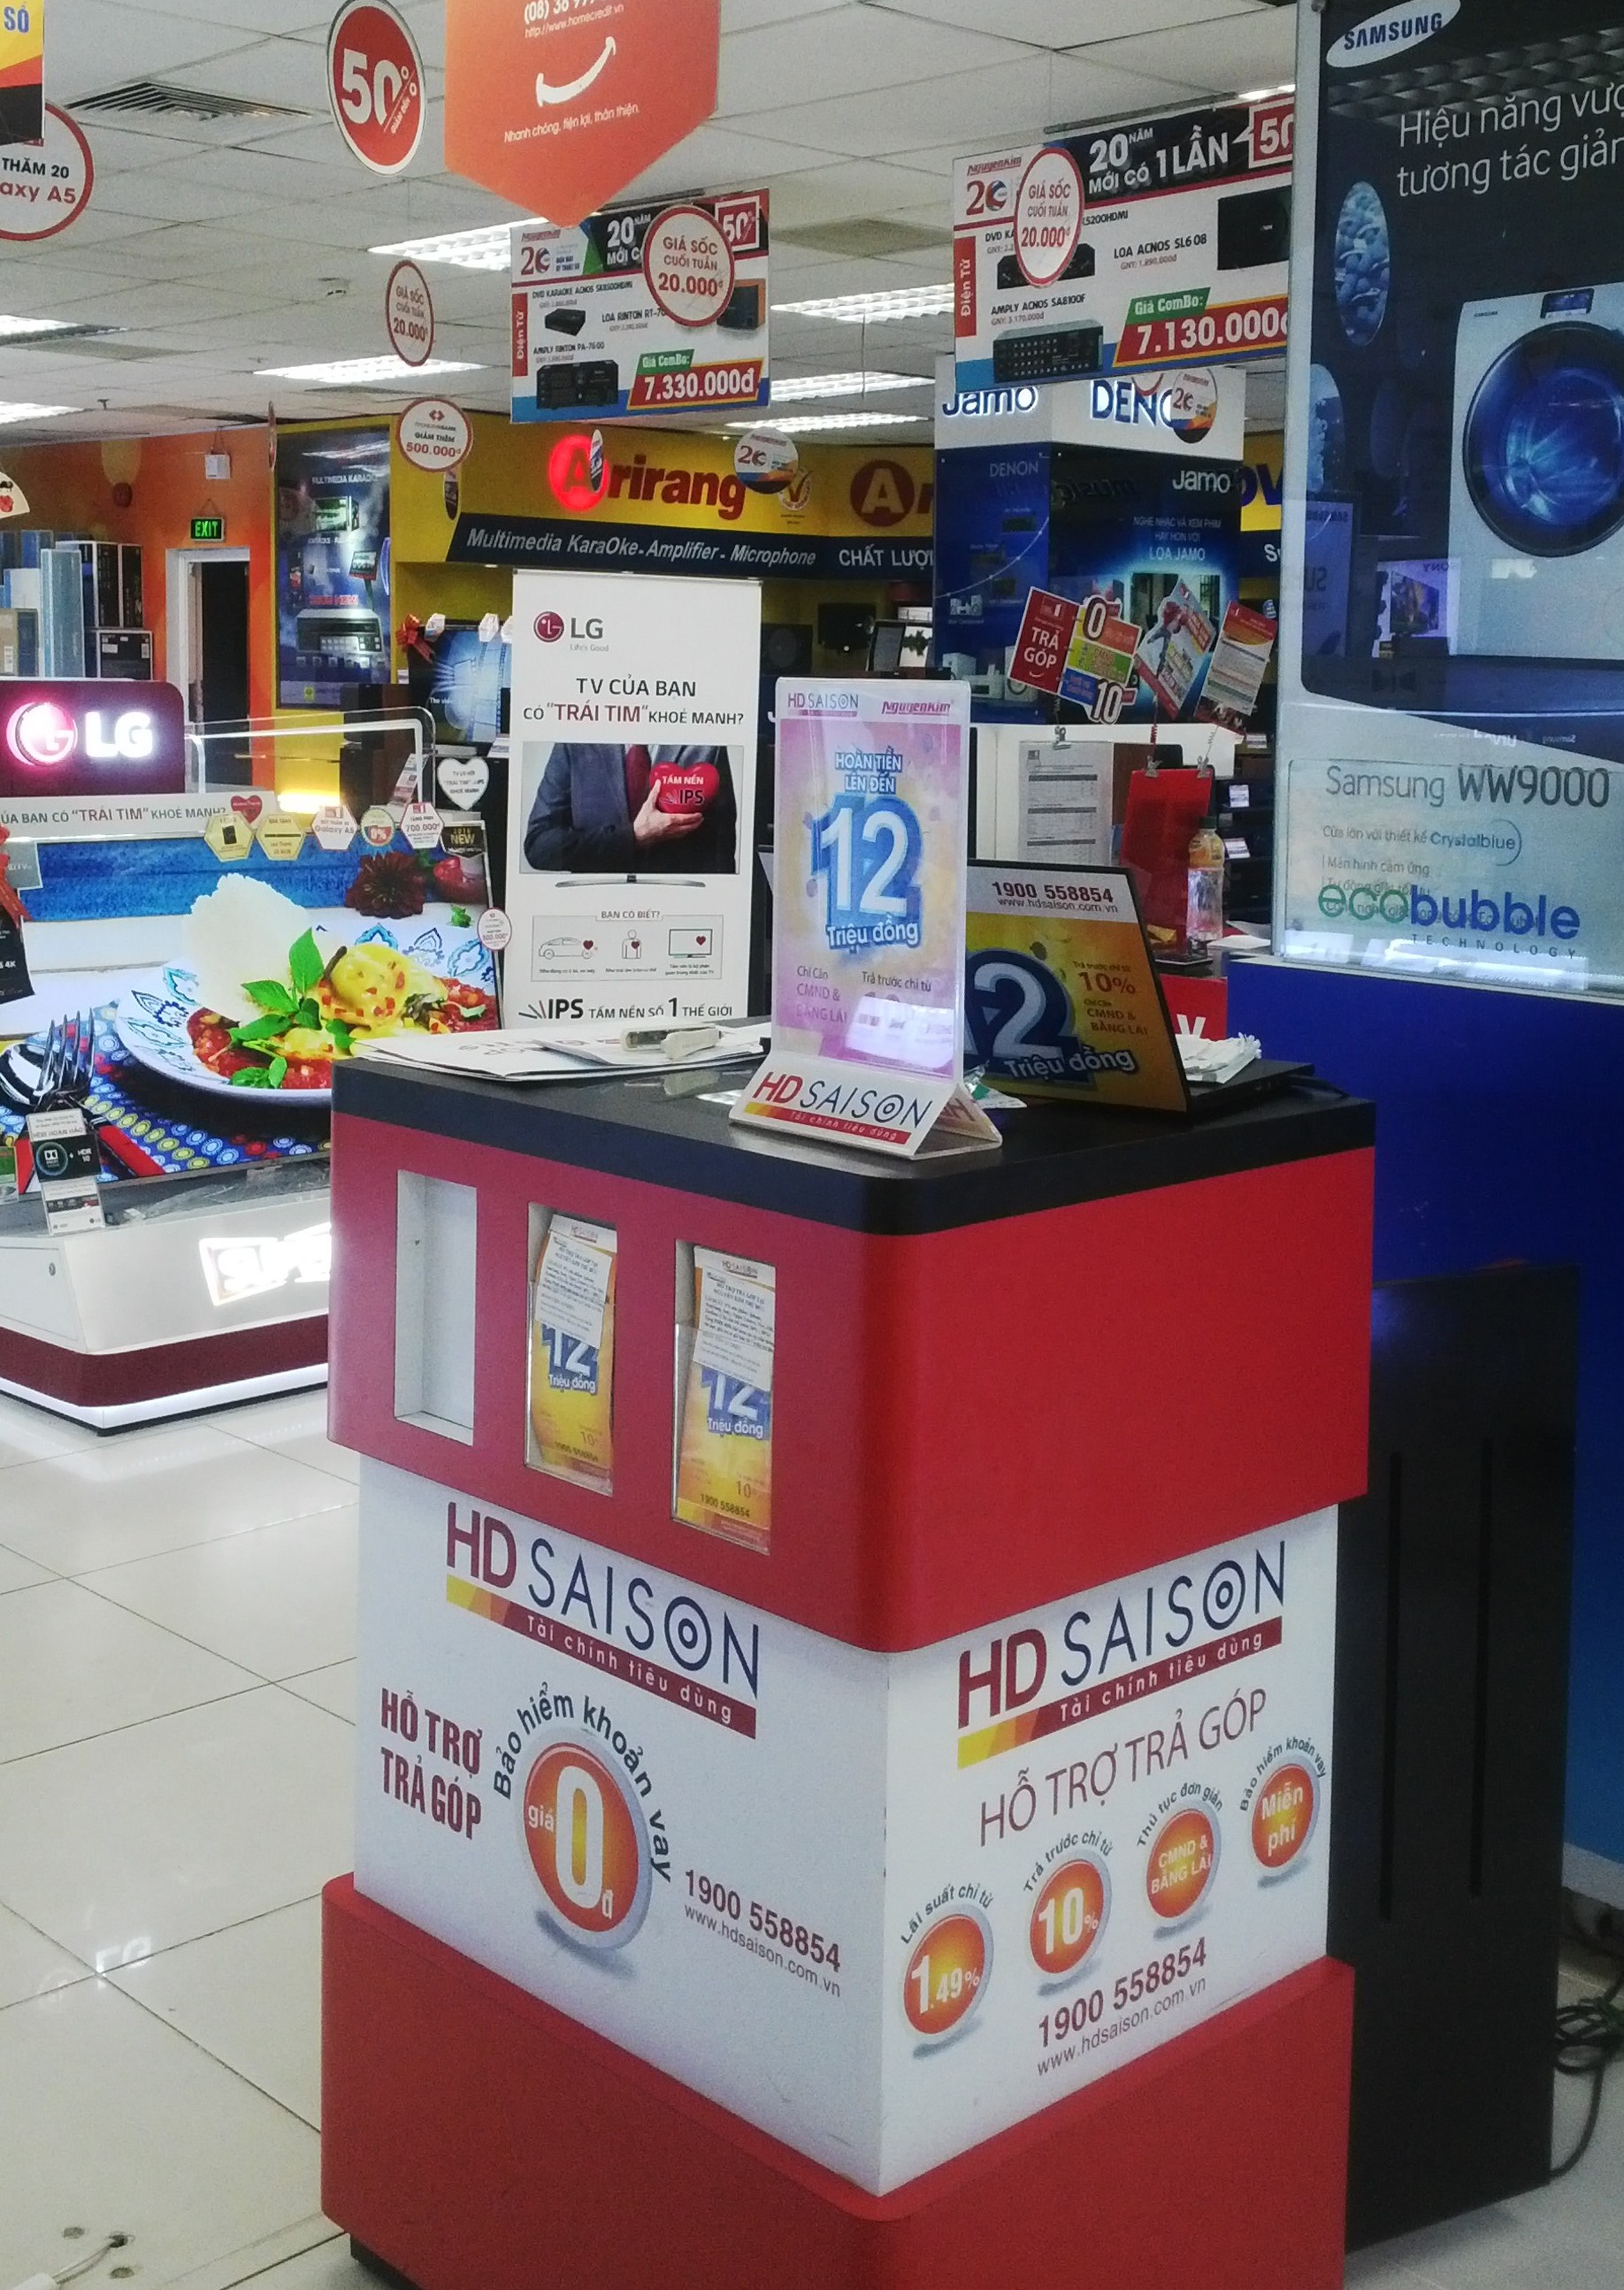 Bàn tư vấn của HD SAISON đặt tại các trung tâm, cửa hàng điện máy.